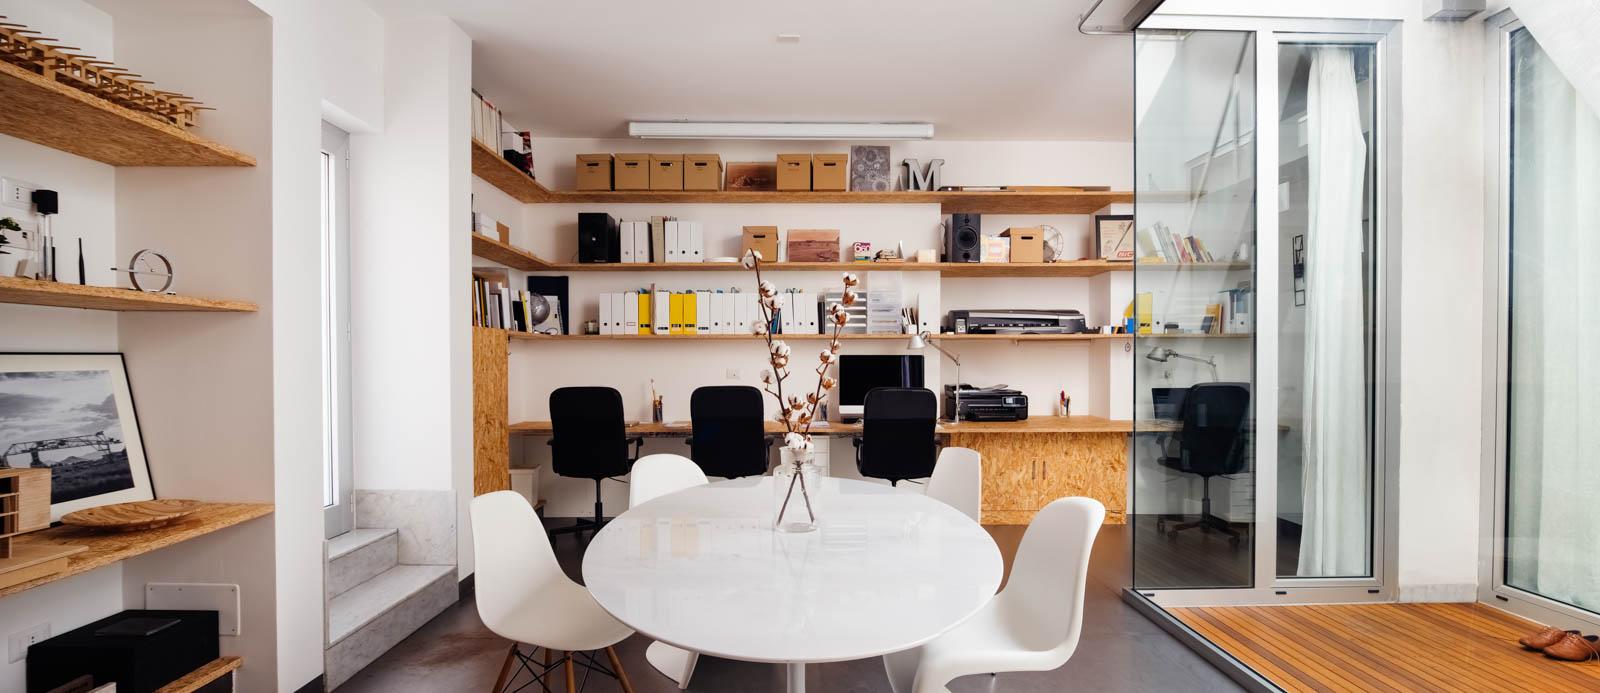 manuarino casa studio monte di procida architettura di interni